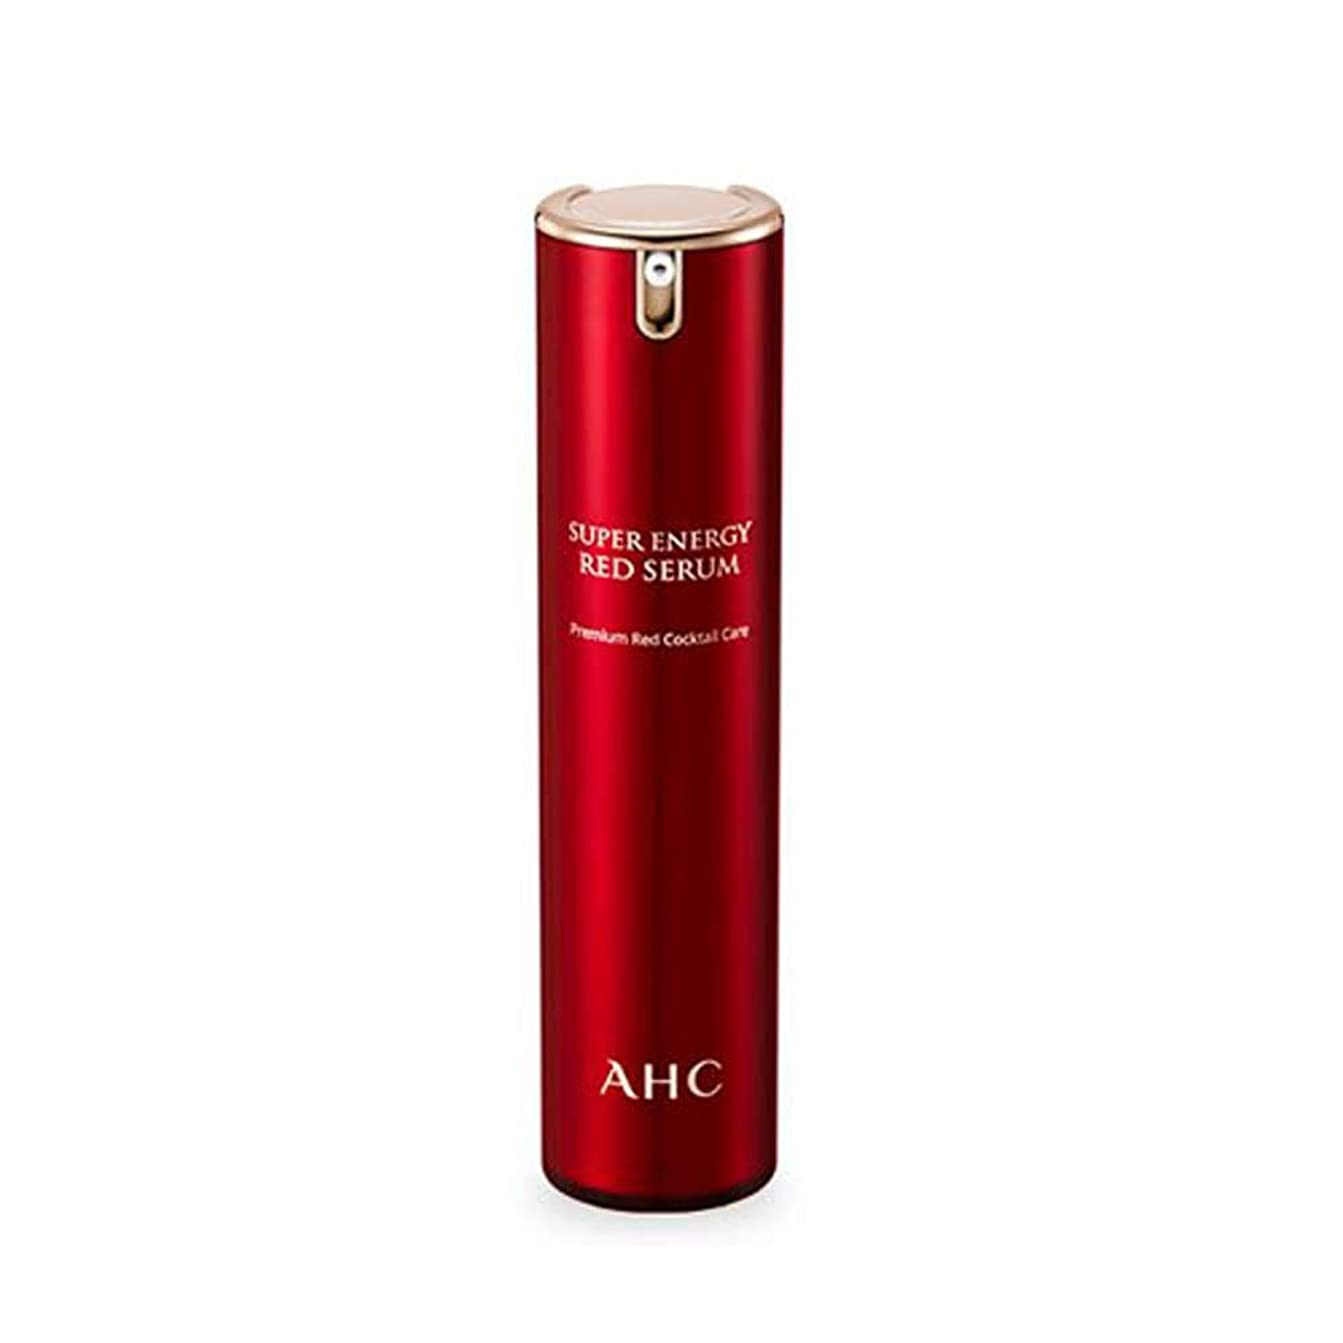 リファイン付属品前売AHC(エーエイチシー) スーパーエナジーレッドセラム50ml